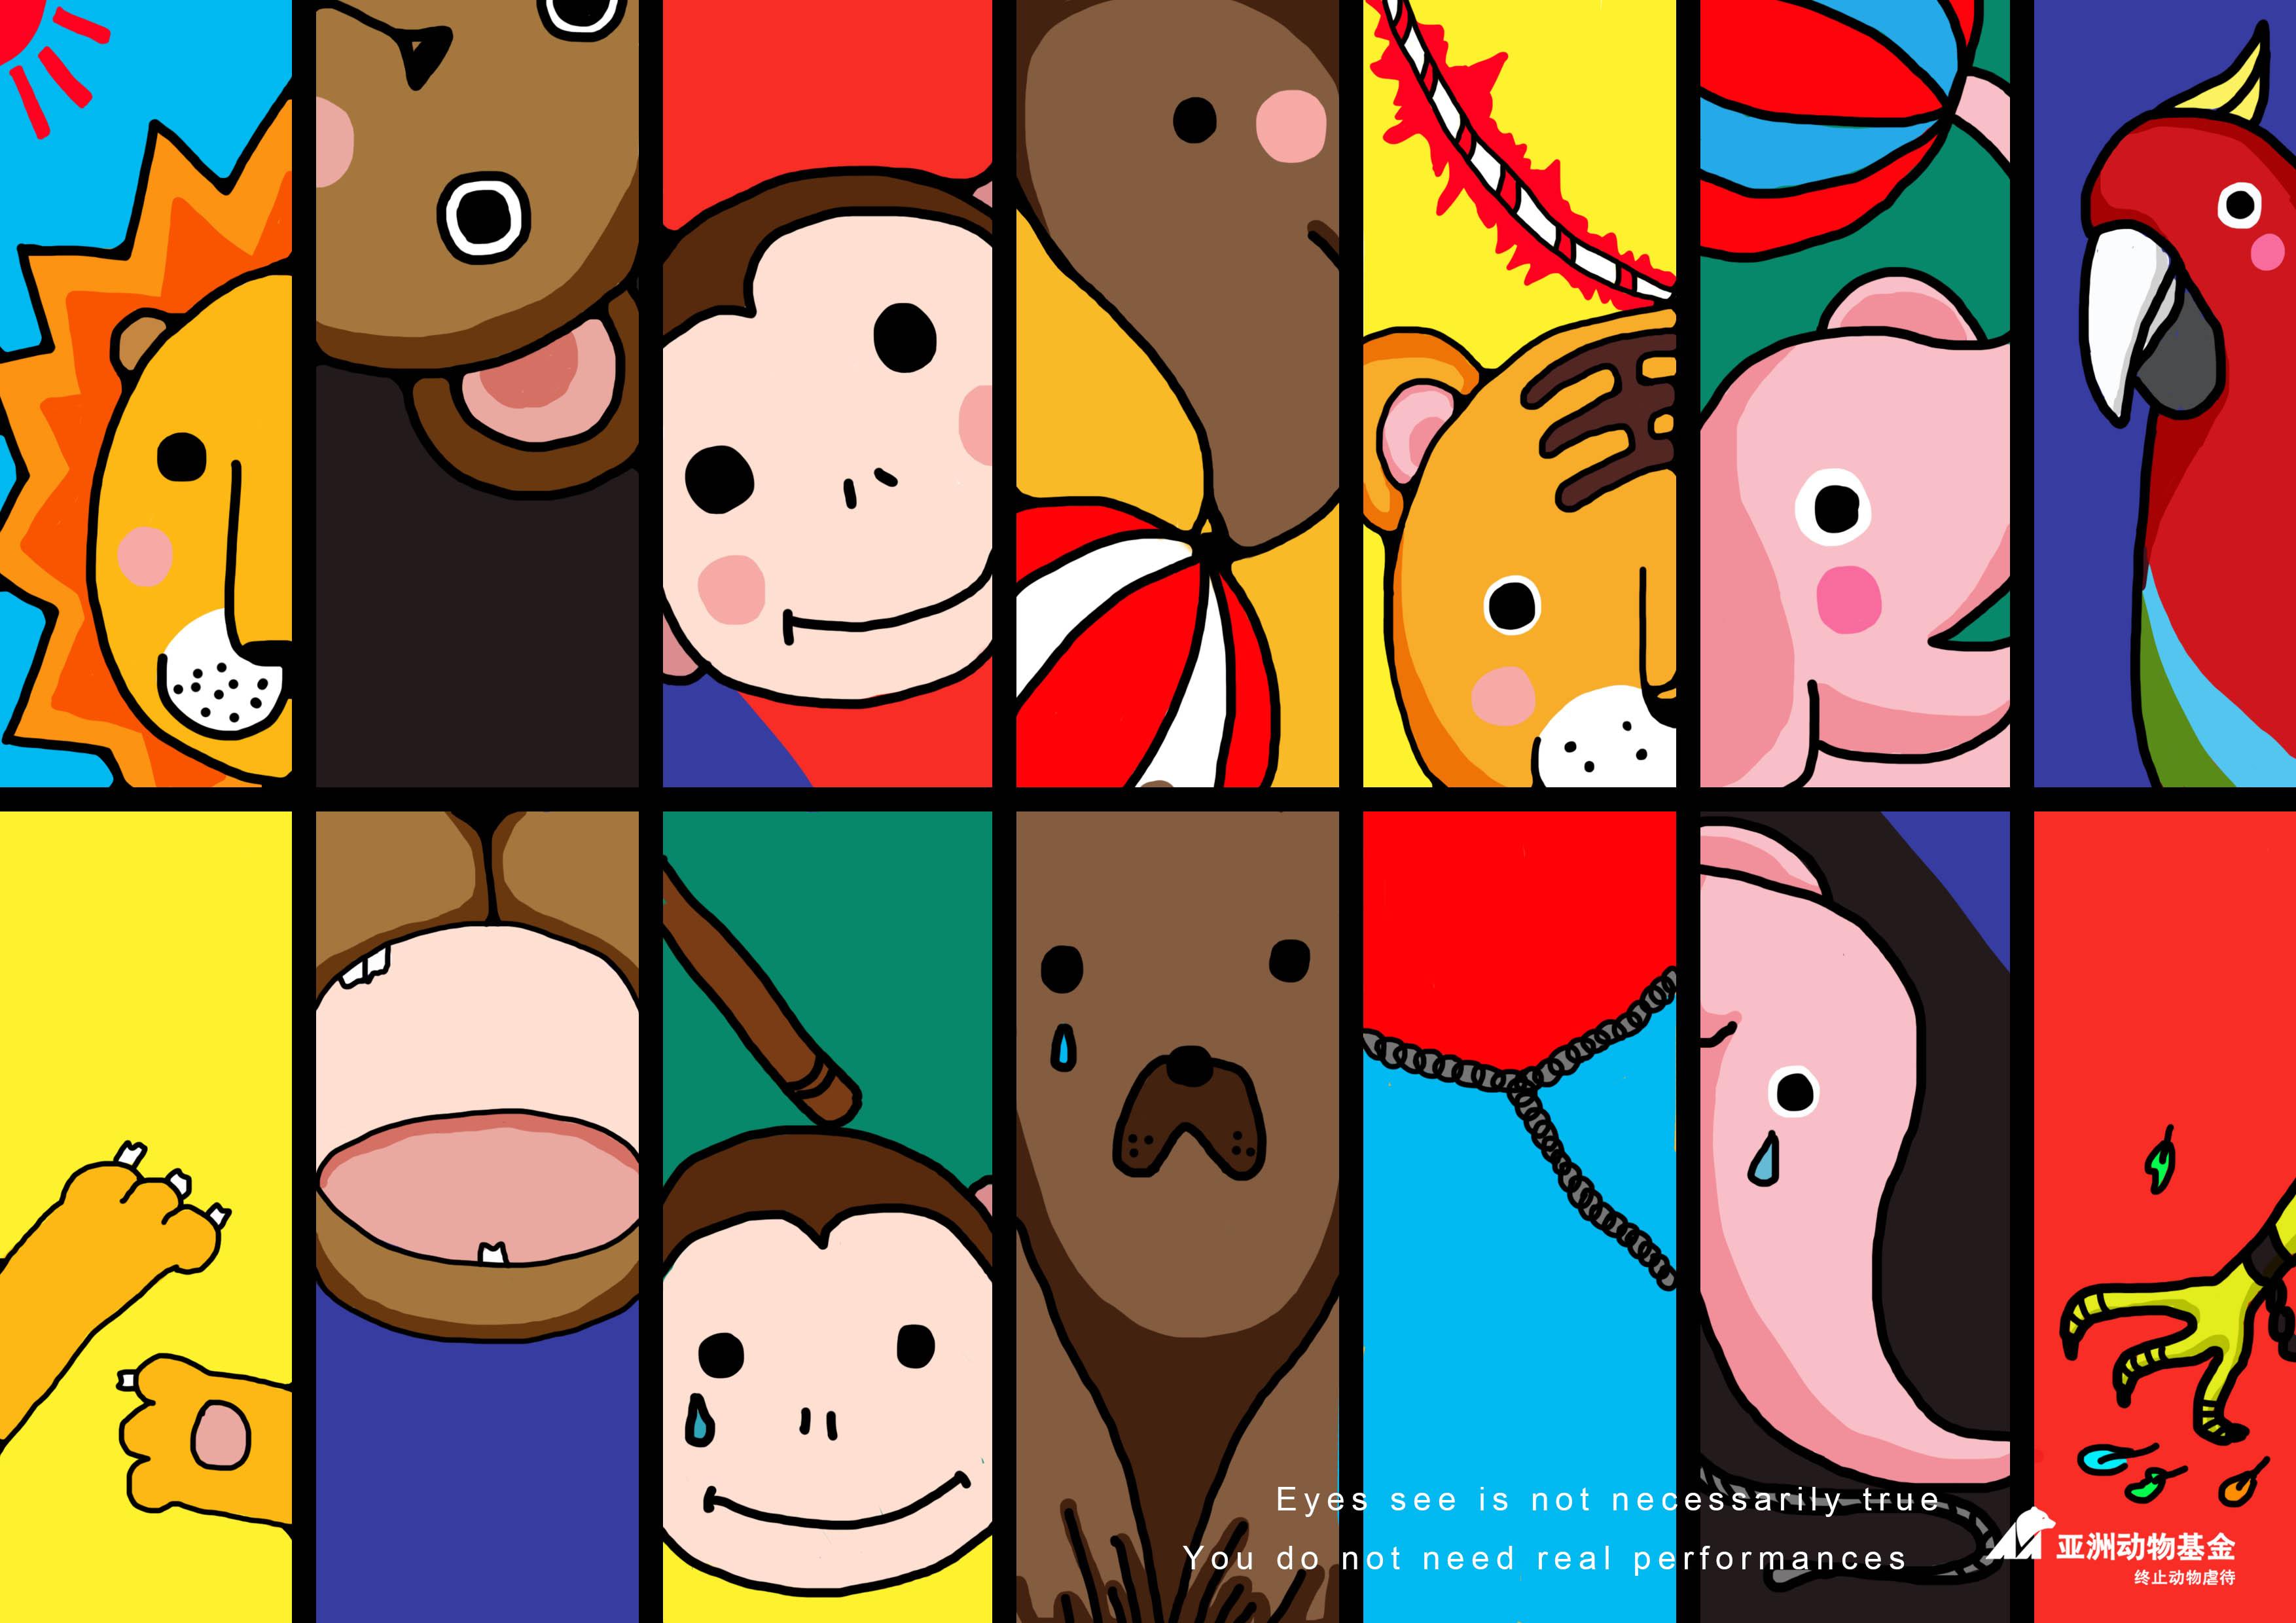 2013年亚洲动物基金公益广告设计大赛复赛作品